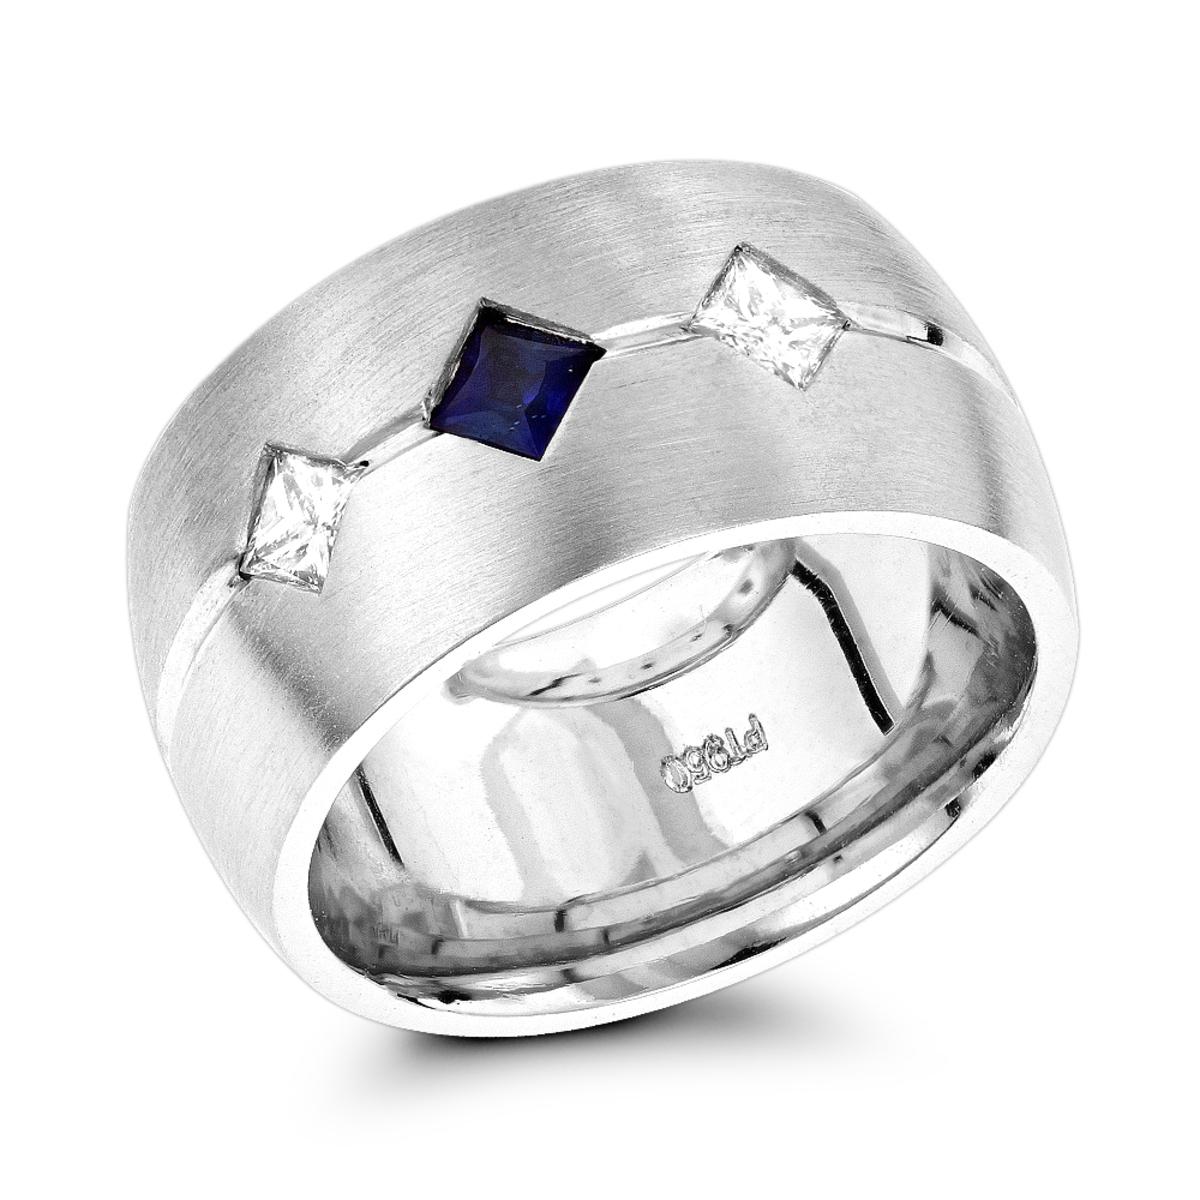 Unique Wedding Bands Platinum: Unique Wedding Rings: Platinum Diamond Sapphire Wedding